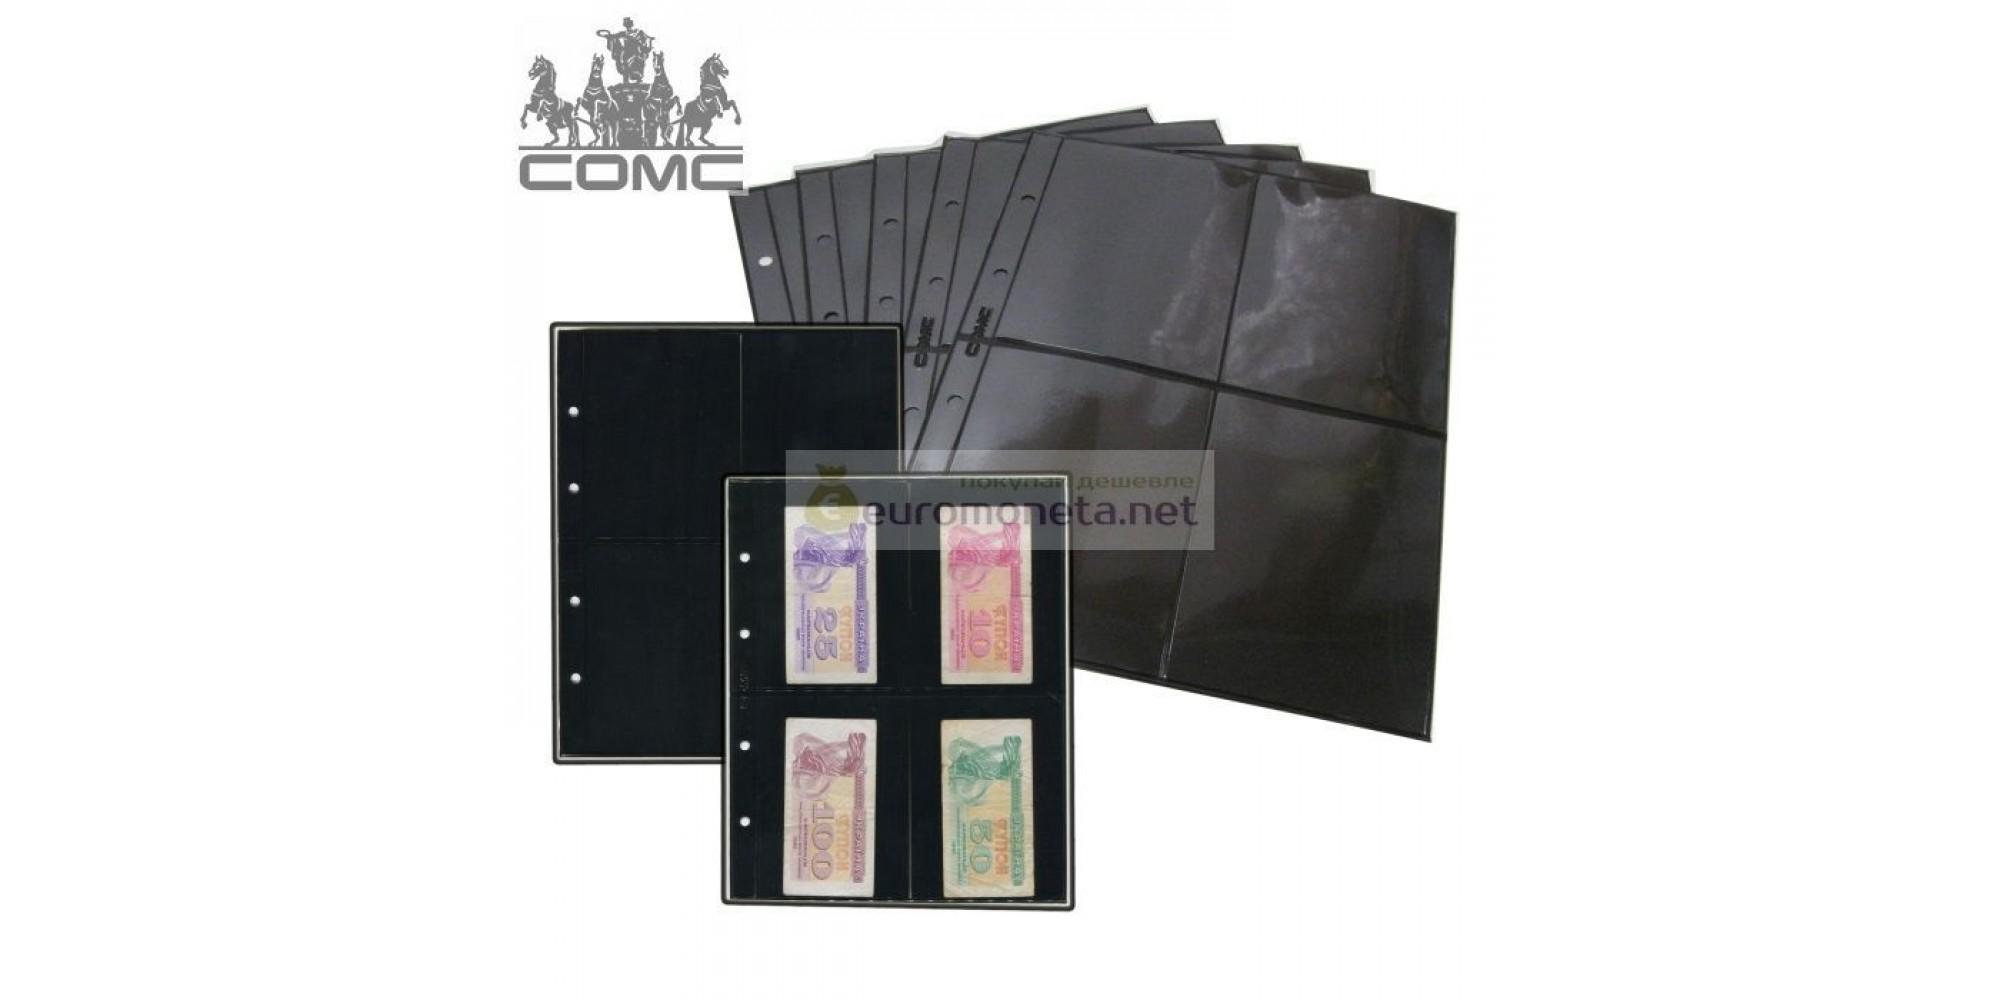 Лист для банкнот Optima, 4 ячейки на чёрной основе (8 ячеек, по 4 с каждой стороны, 90х123 мм), пр-во СОМС, Россия